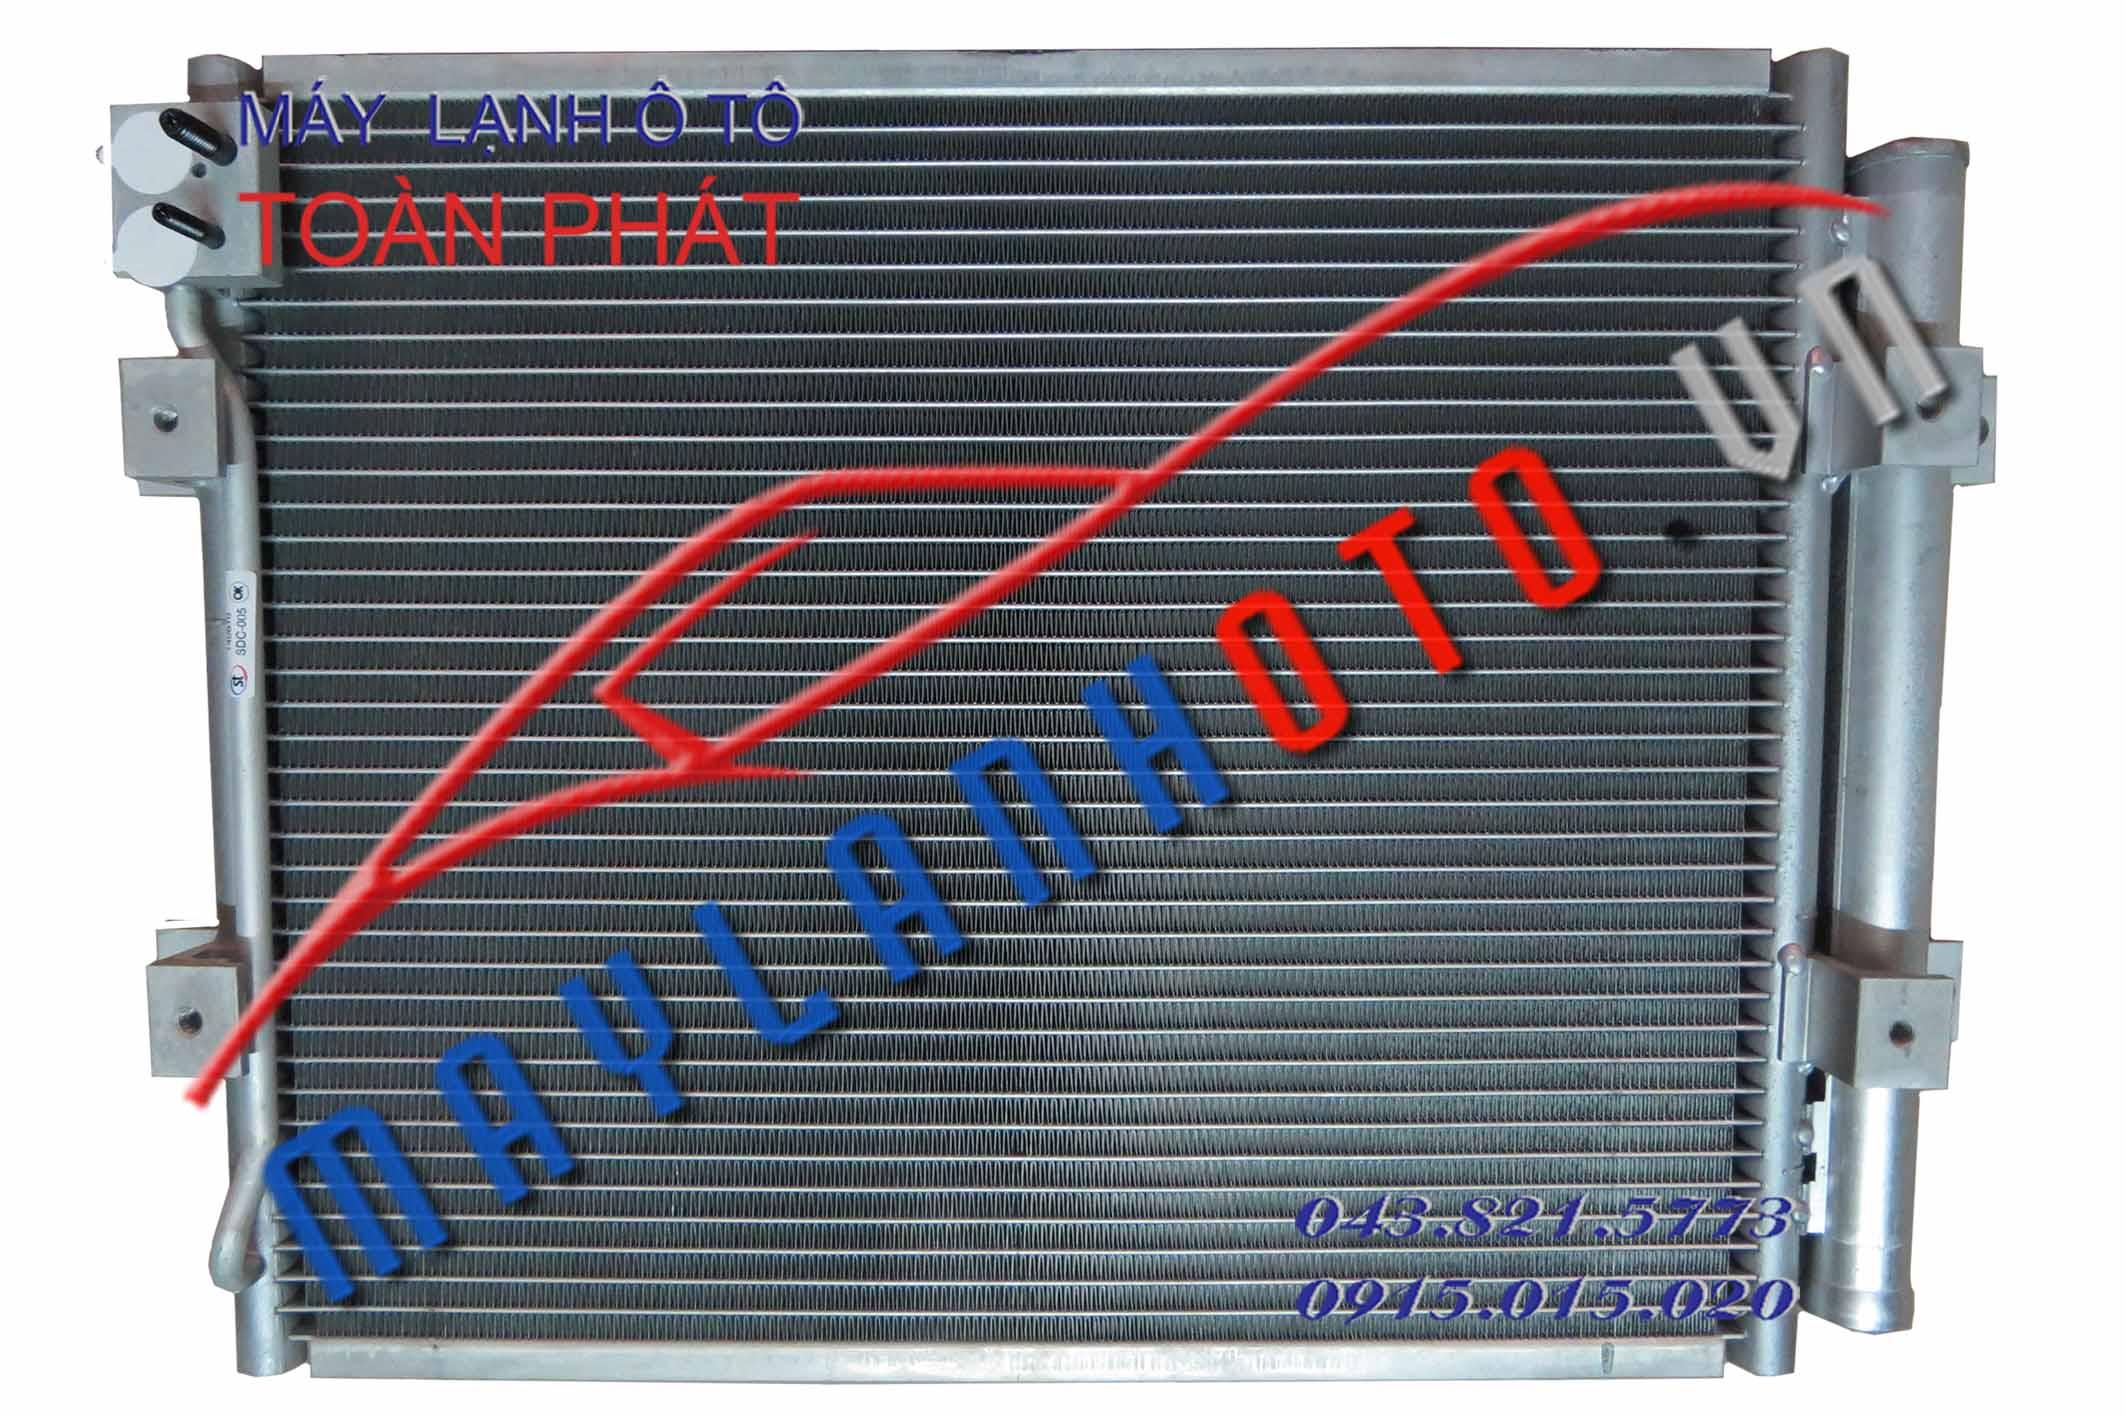 E-Mighty (dàn chính, 2 tai quạt quay ra) / Giàn nóng điều hòa Hyundai E-Mighty / Dàn nóng điều hòa Hyundai E-Mighty